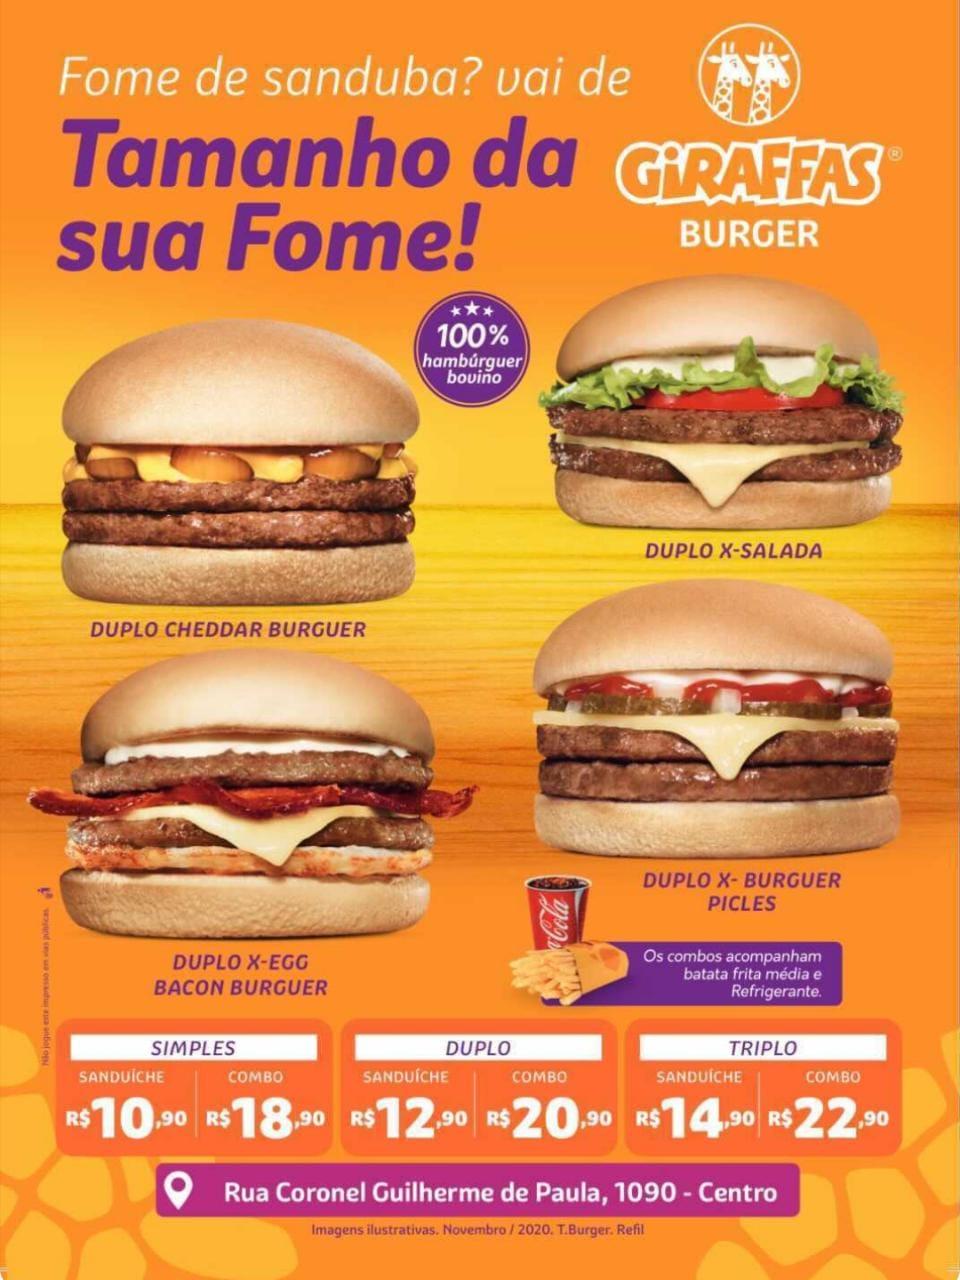 Inauguração 9 de dezembro - O Giraffas Burger está chegando em Laranjeiras do Sul